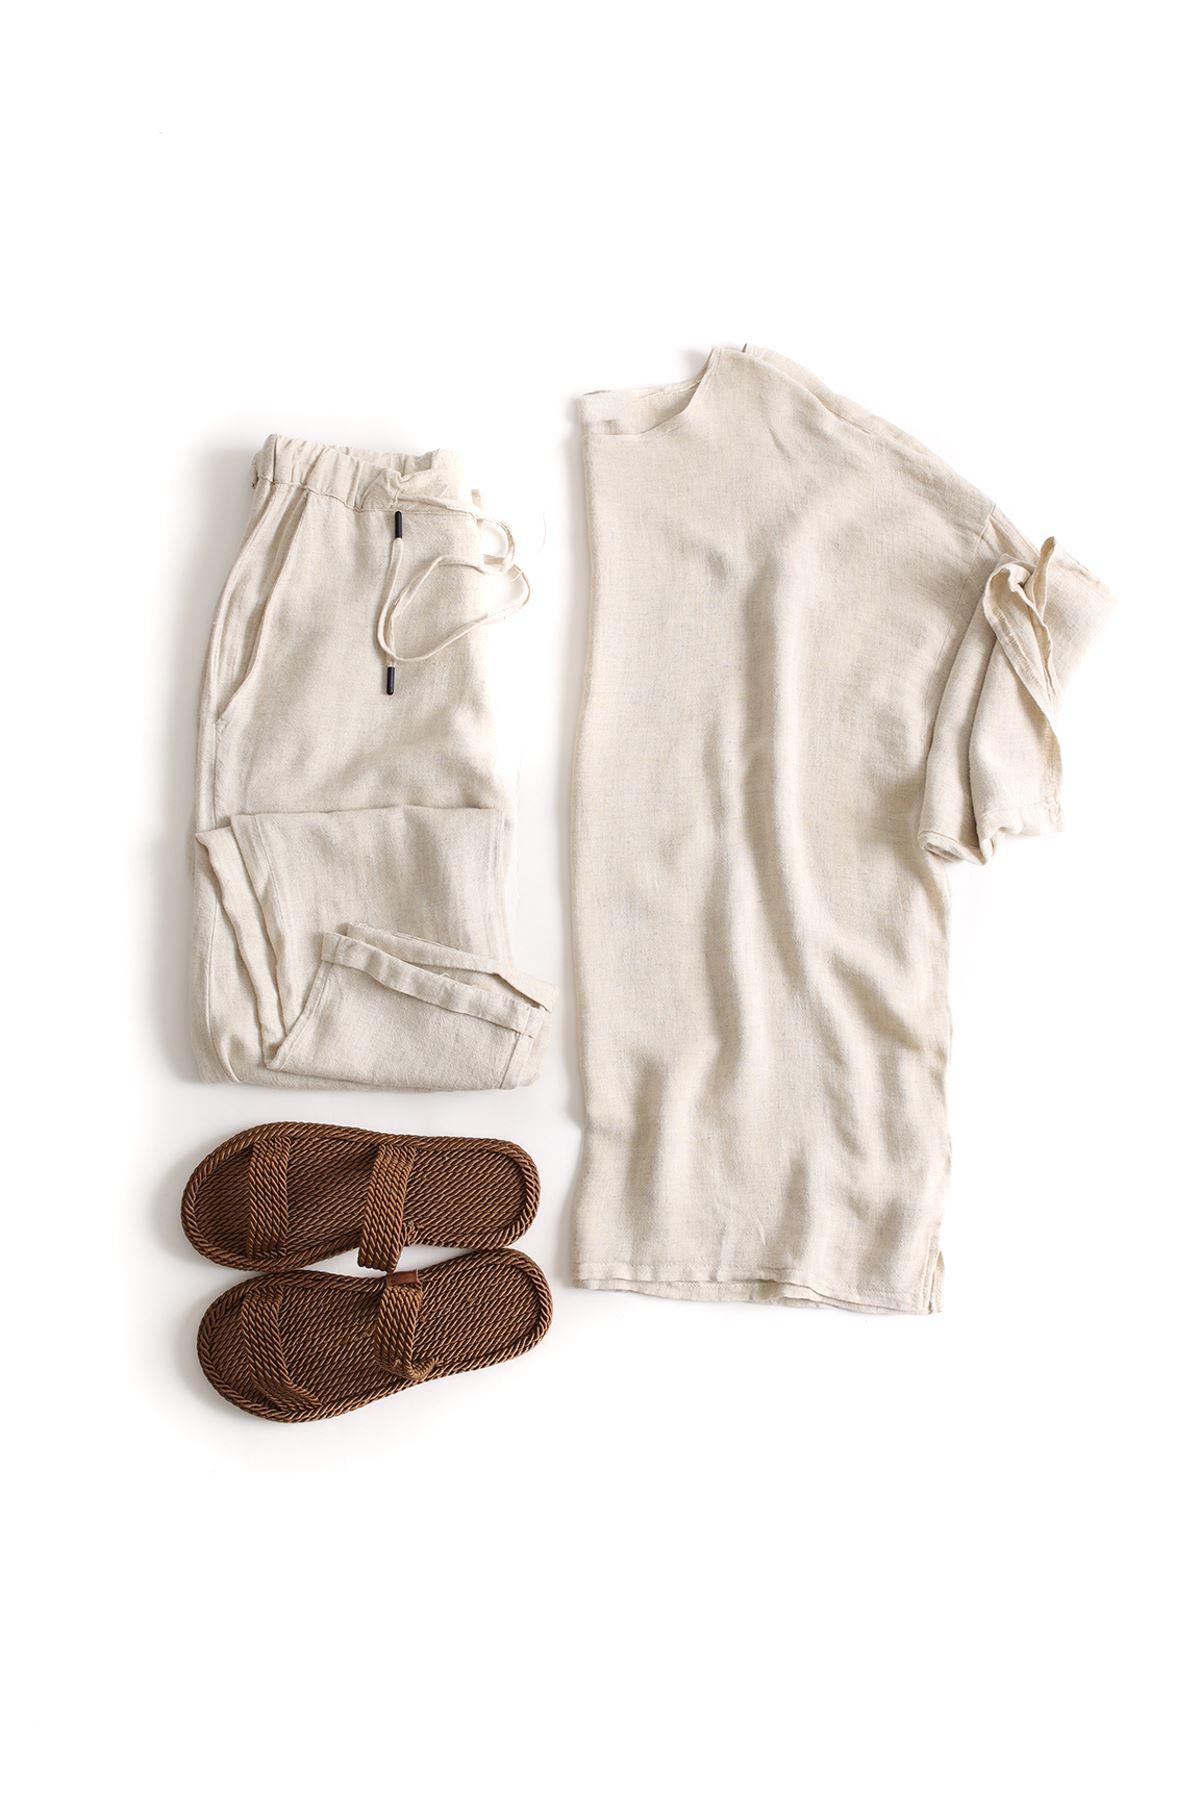 Fakir Kol Oversize Bej Keten T-Shirt Klasik Bej Keten Jogger Kombin